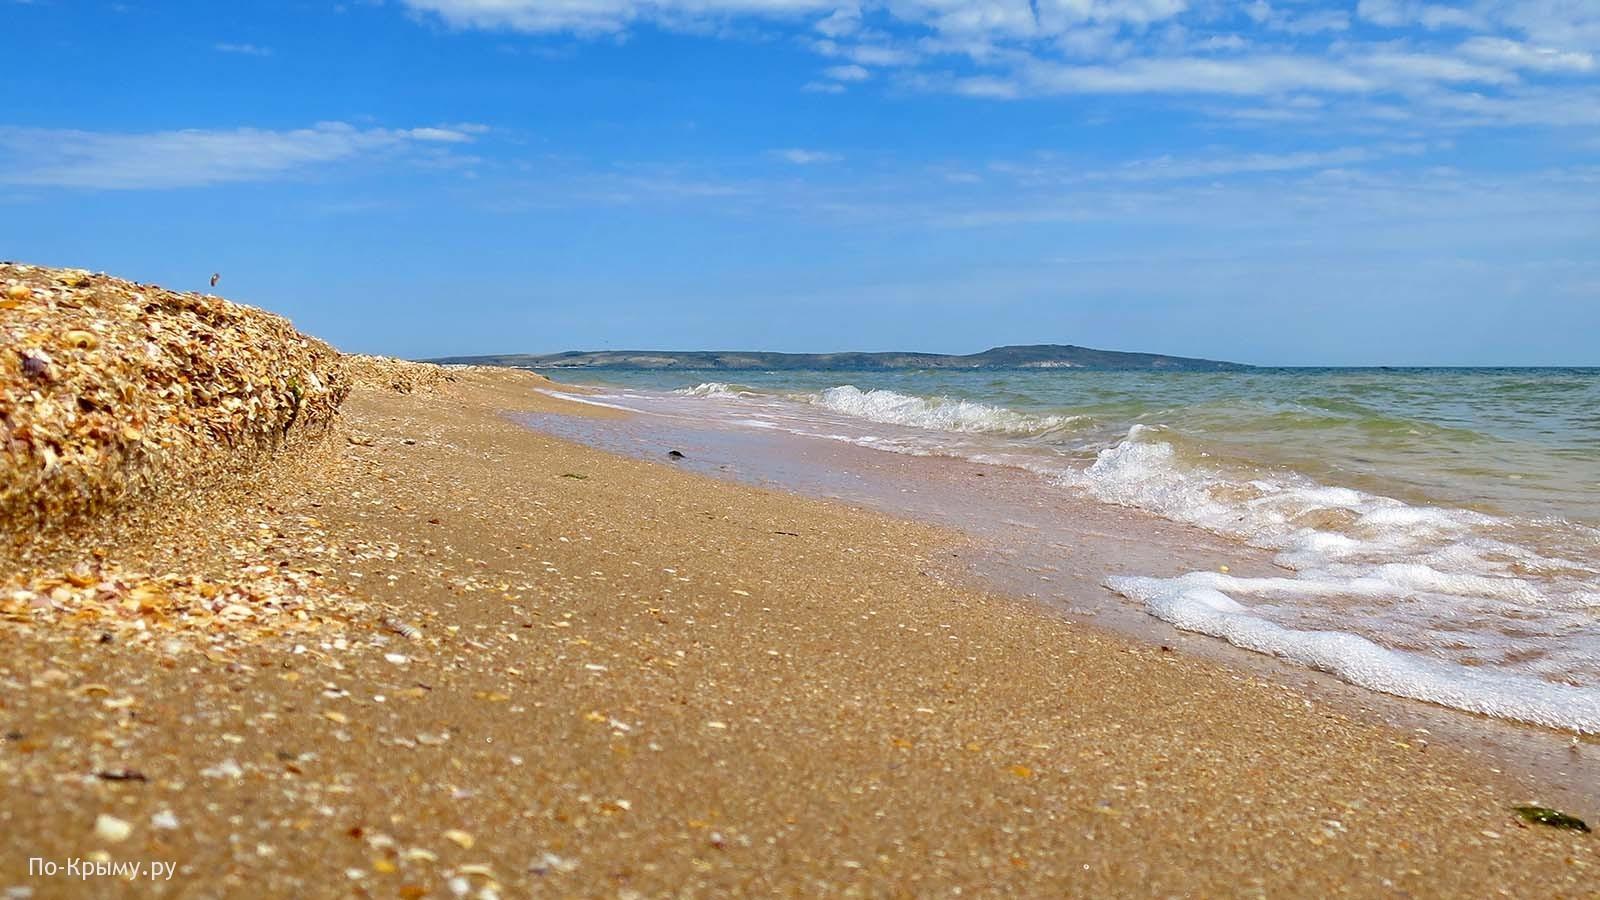 Казантипский залив. Пляж у поселка Азовское